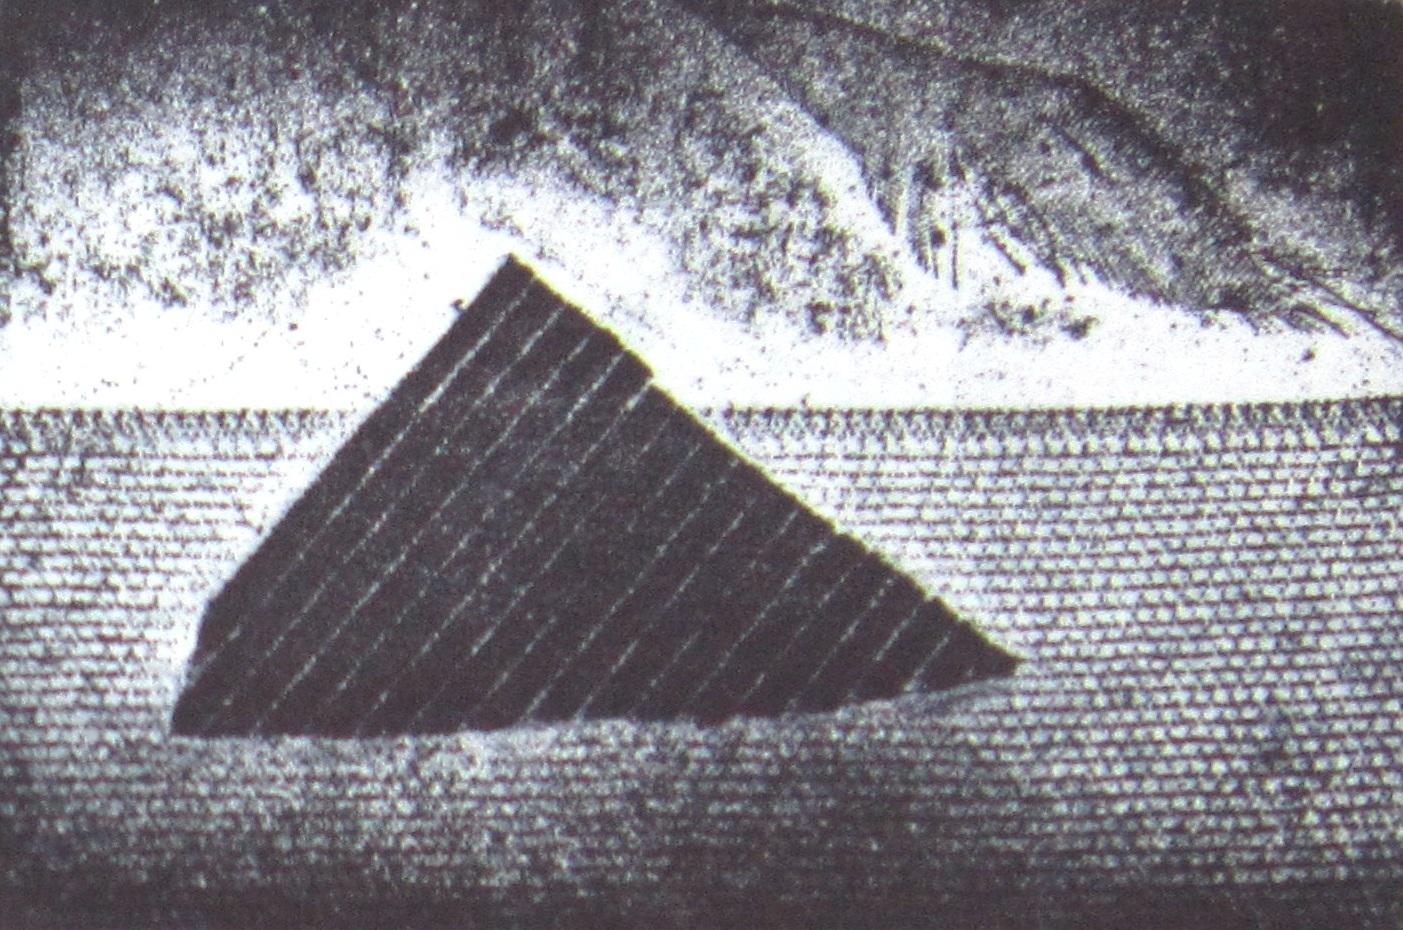 Isola - 1998, Acquaforte, acquatinta e ceramolle, cm 9,6x 14,6